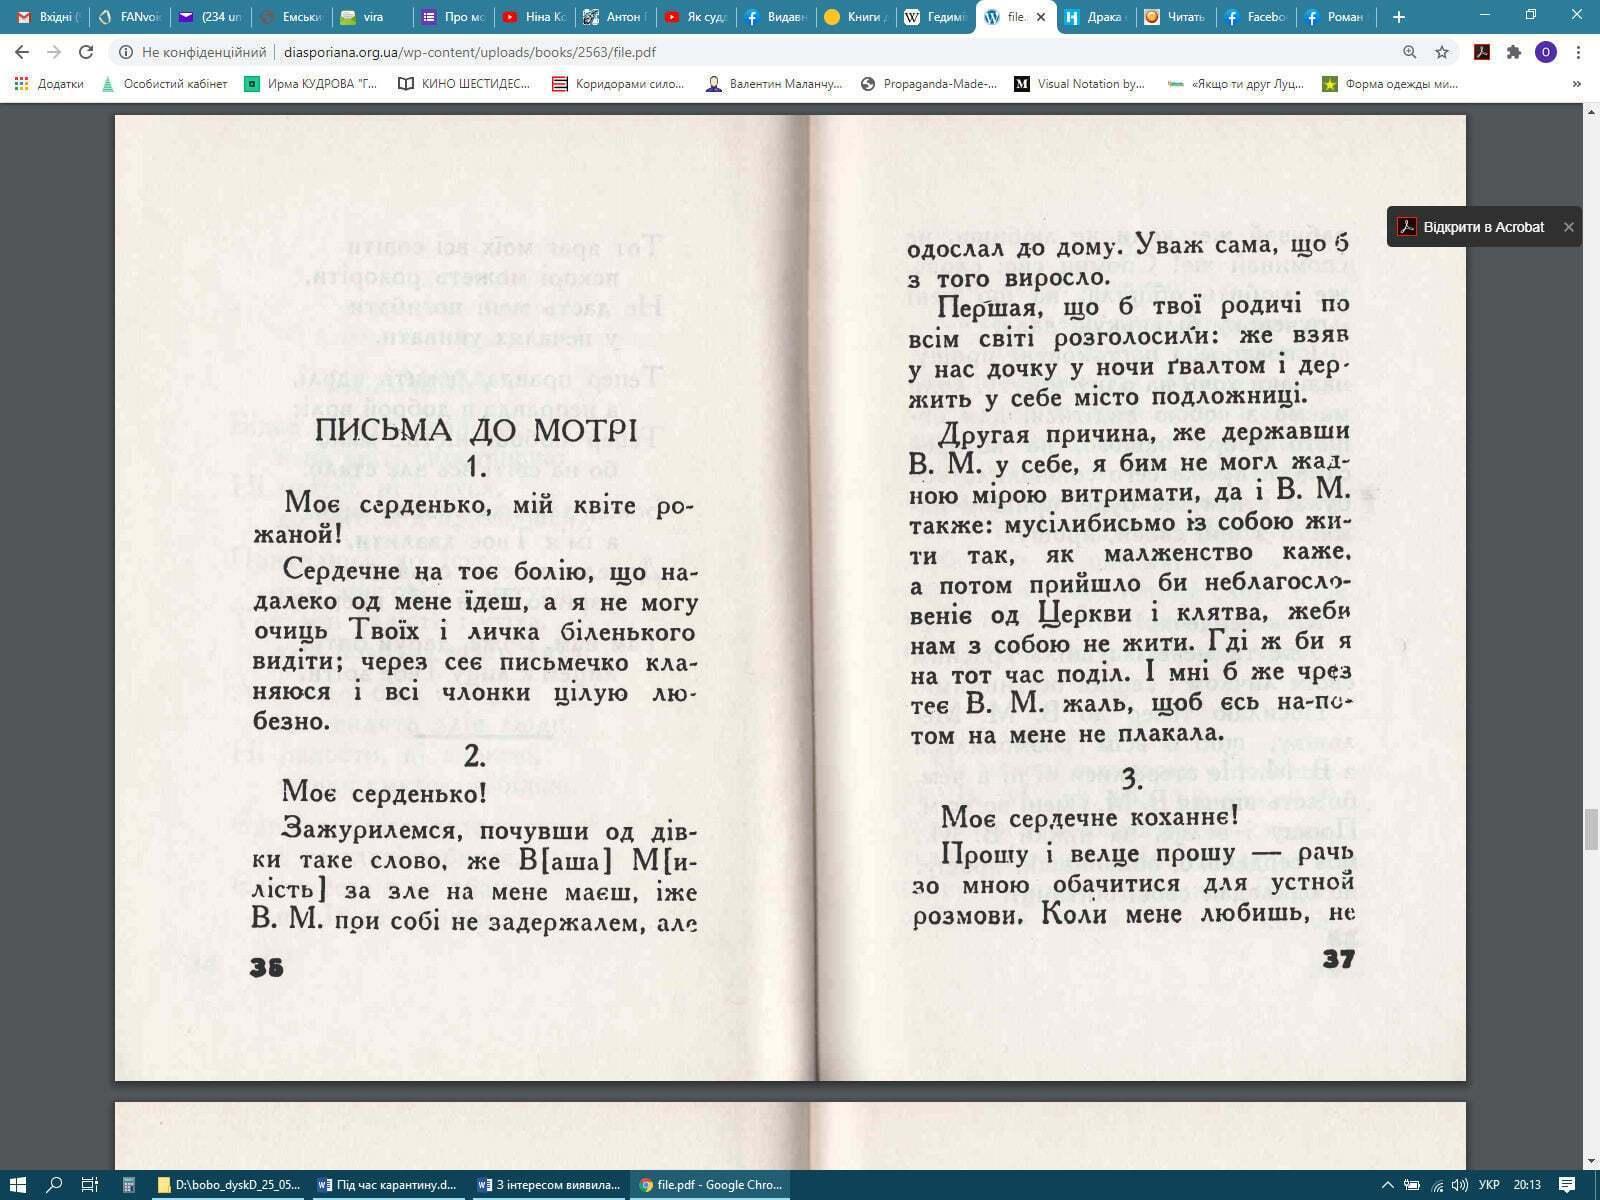 Листи Мазепи до Мотрі: наш скарб, який не відібрати